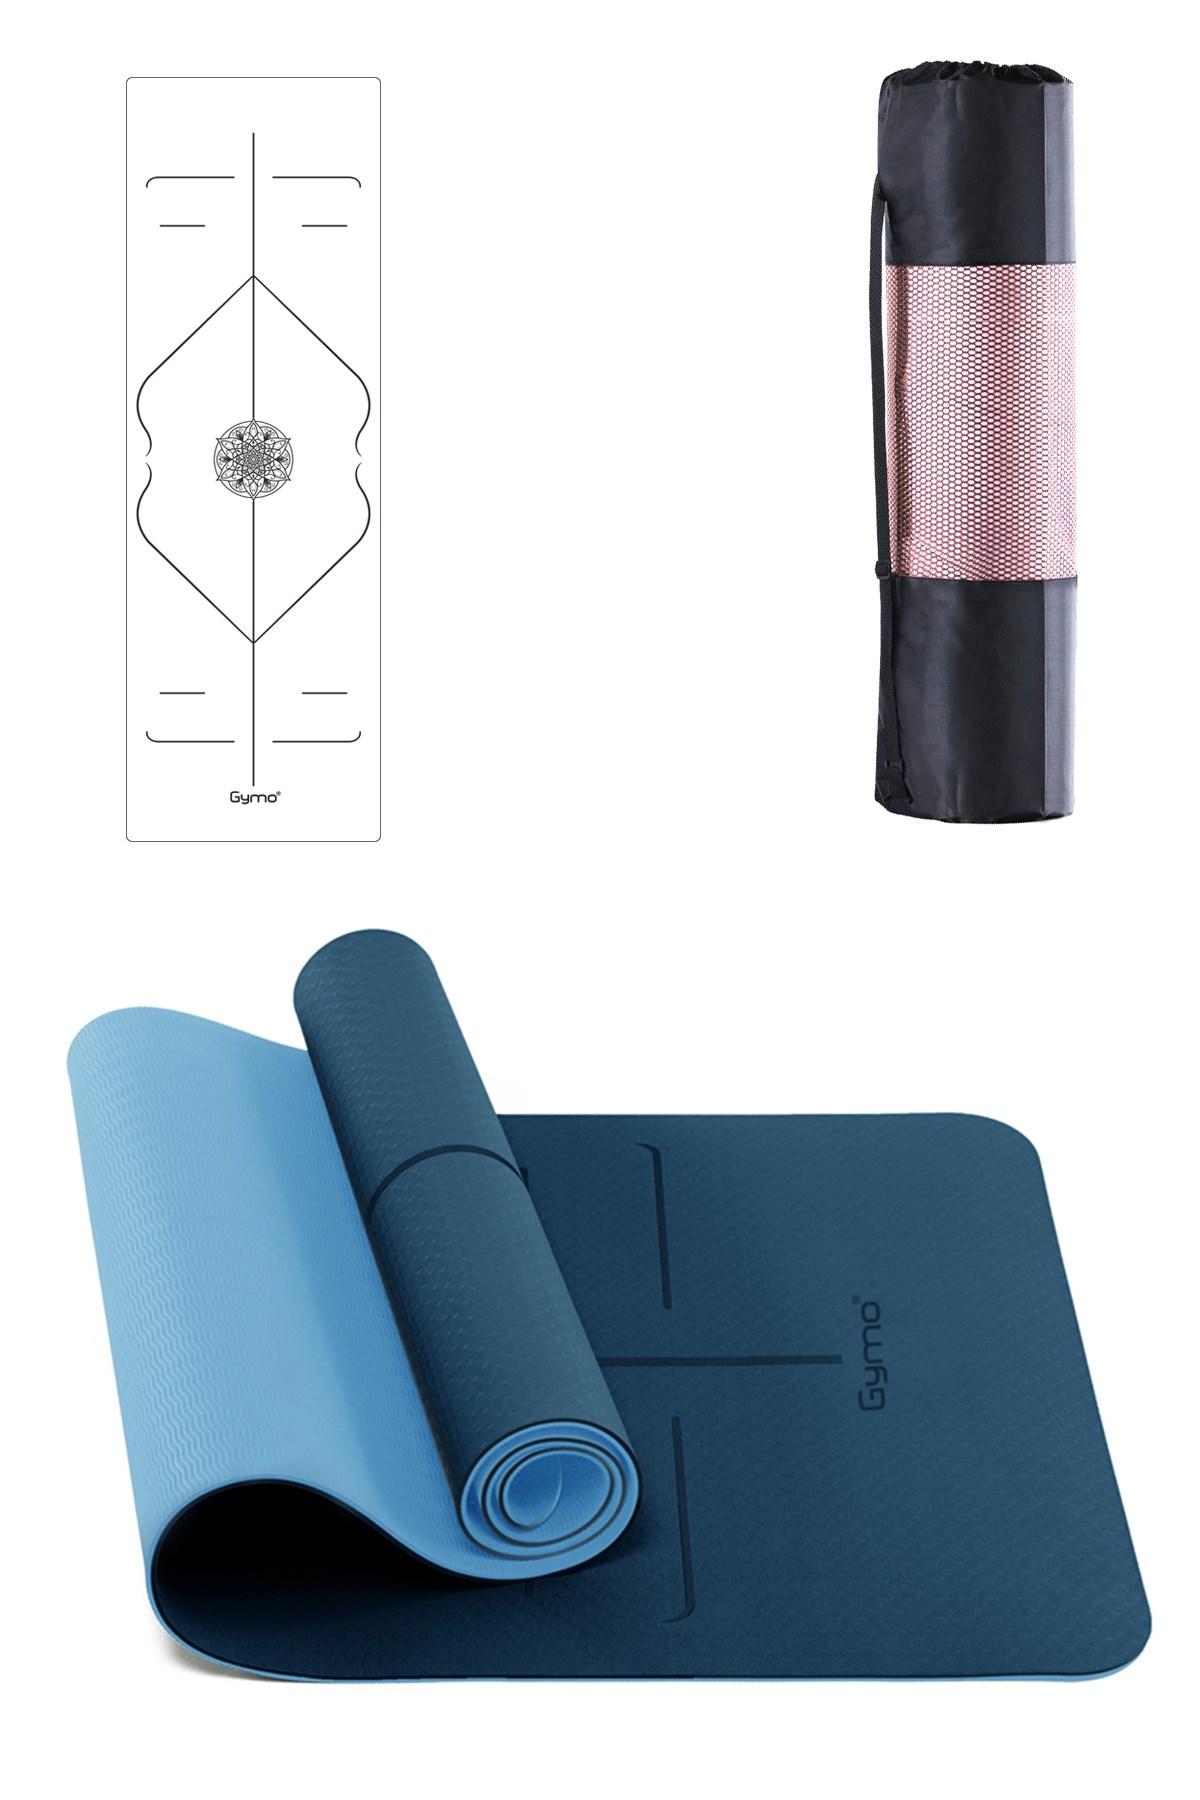 GYMO SPORTS - Gymo Hizalamalı 6mm TPE Yoga Matı Pilates Minderi Mavi